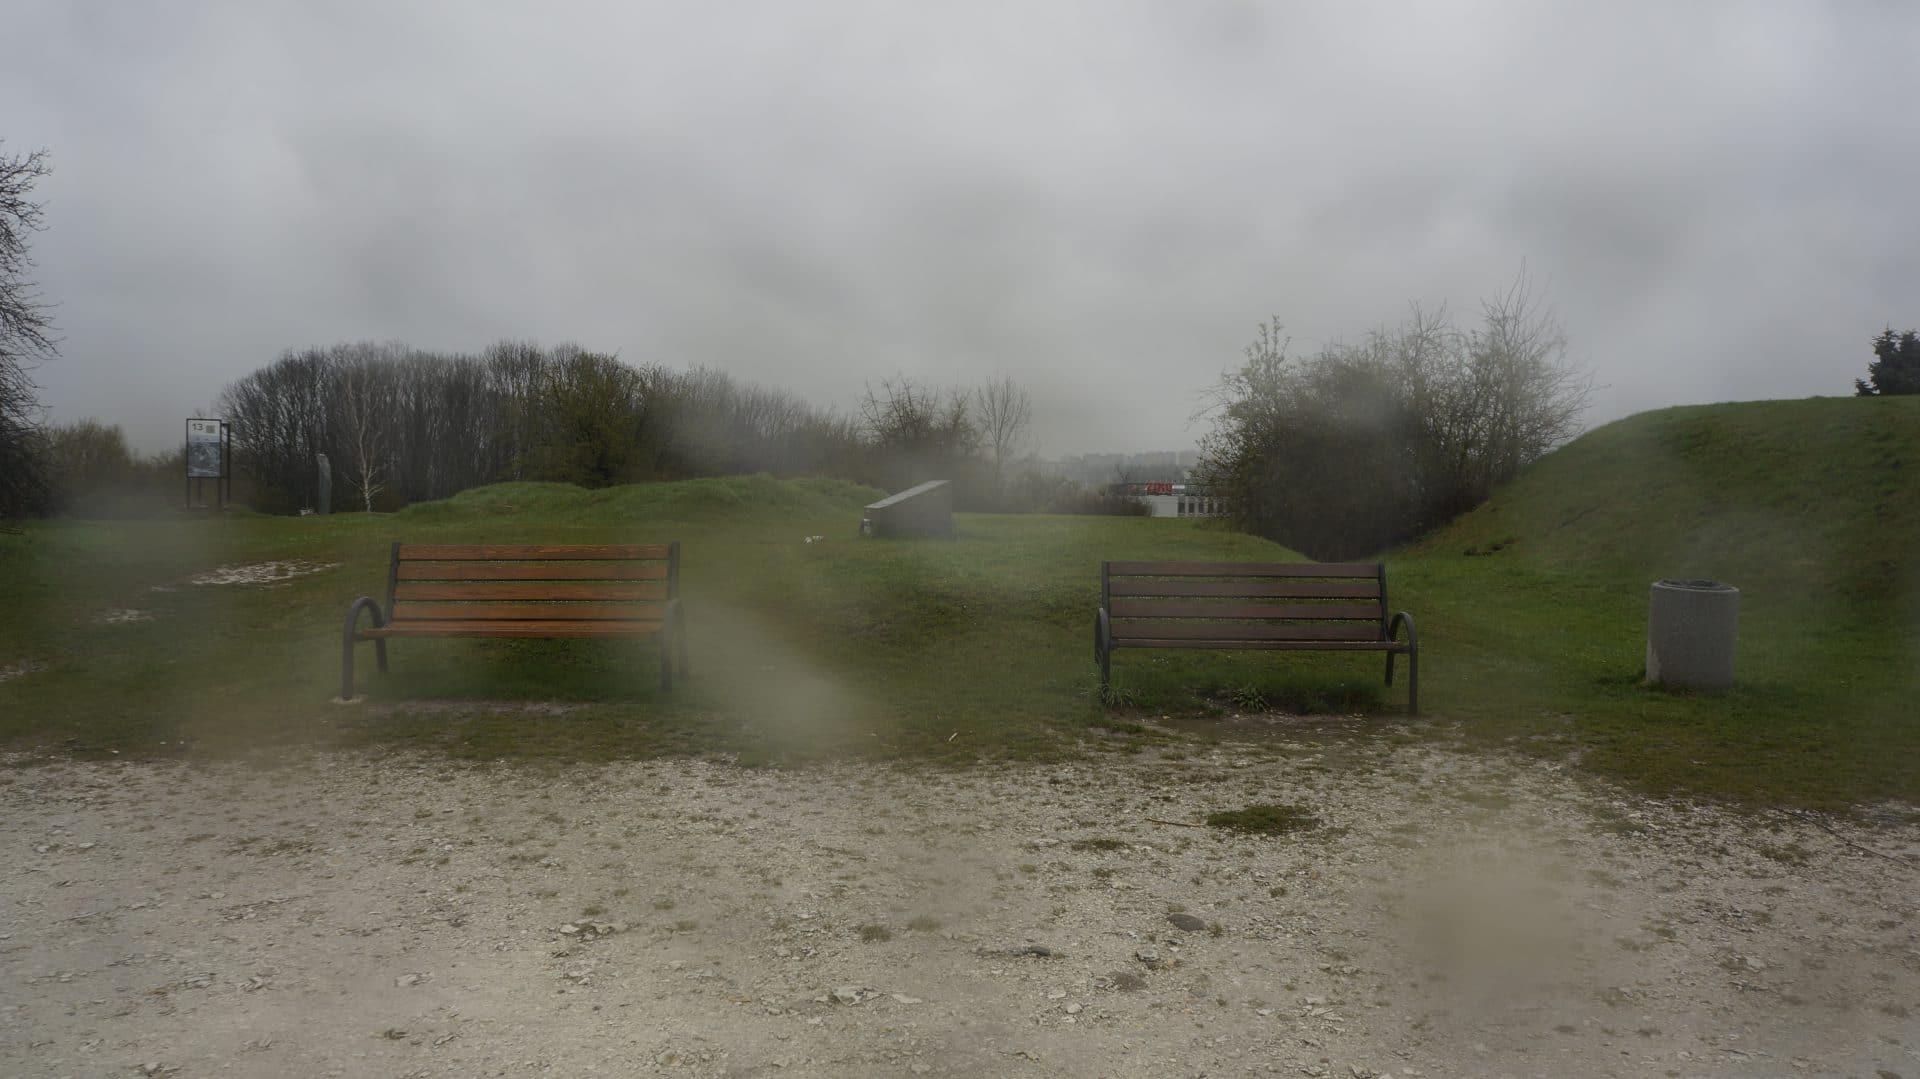 Dwie ławki ustawione w parku pamięci przez miasto. Mateusz Jaśko dostawił kolejne dwie ławki niedaleko od nich. Zrobił to, bo prosili o nie okoliczni mieszkańcy. Jego działanie spotkało się m.in. z podziękowaniem z ich strony.